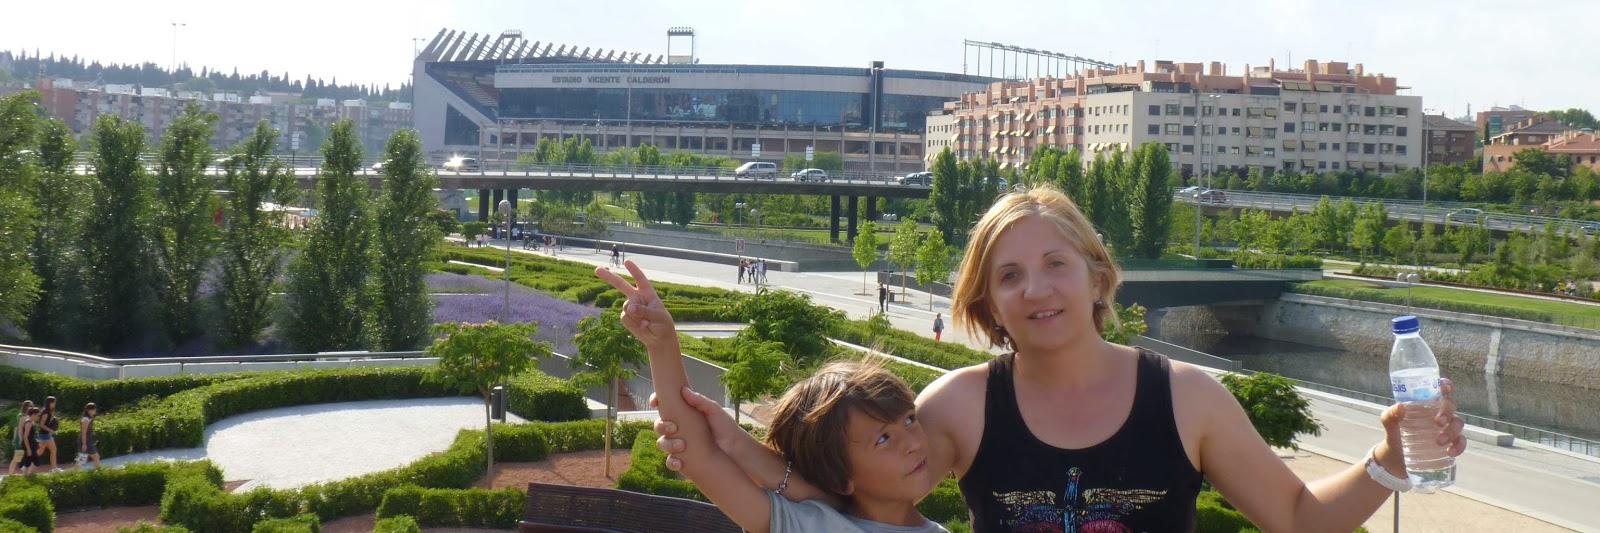 Izan y Yolanda frente al estadio Vicente Calderón.